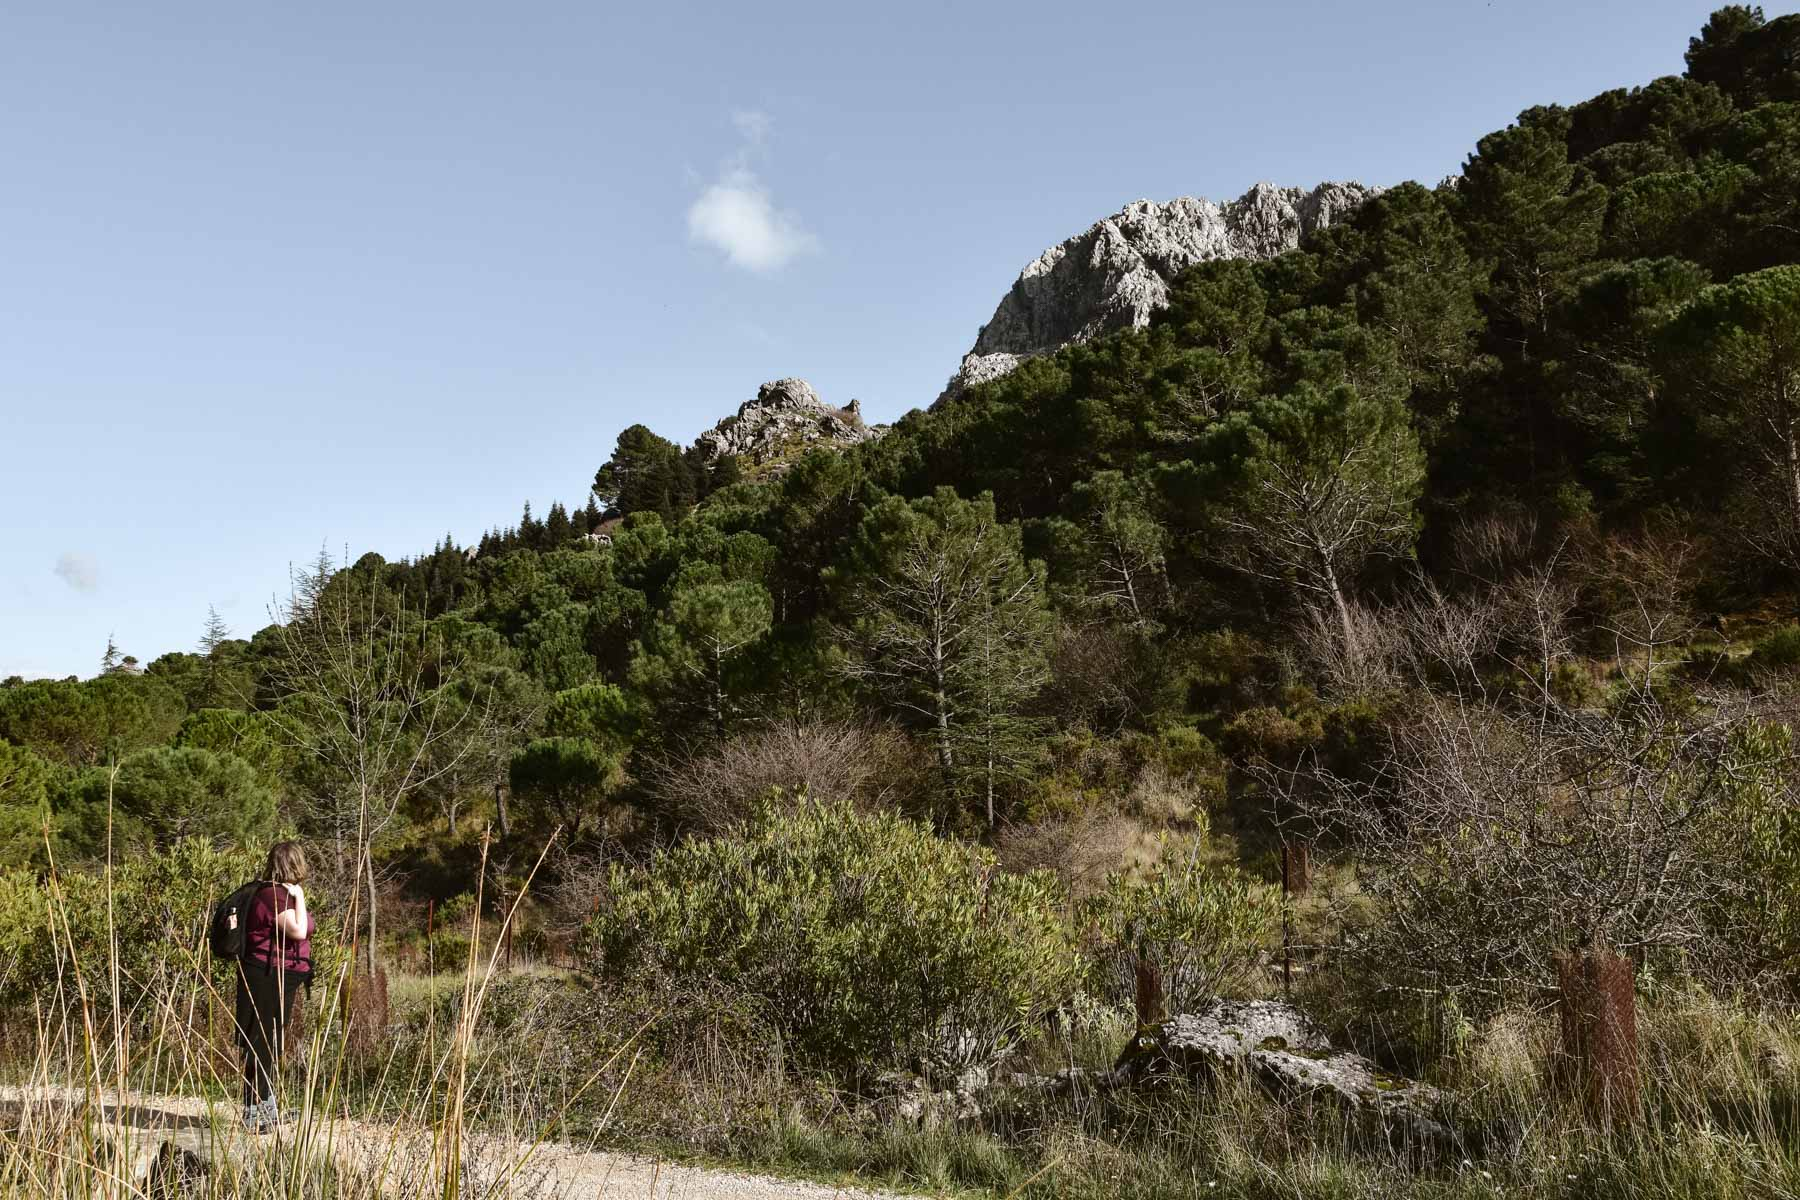 Marie-Catherine pendant une randonnée dans la Sierra de Grazalema, Andalousie